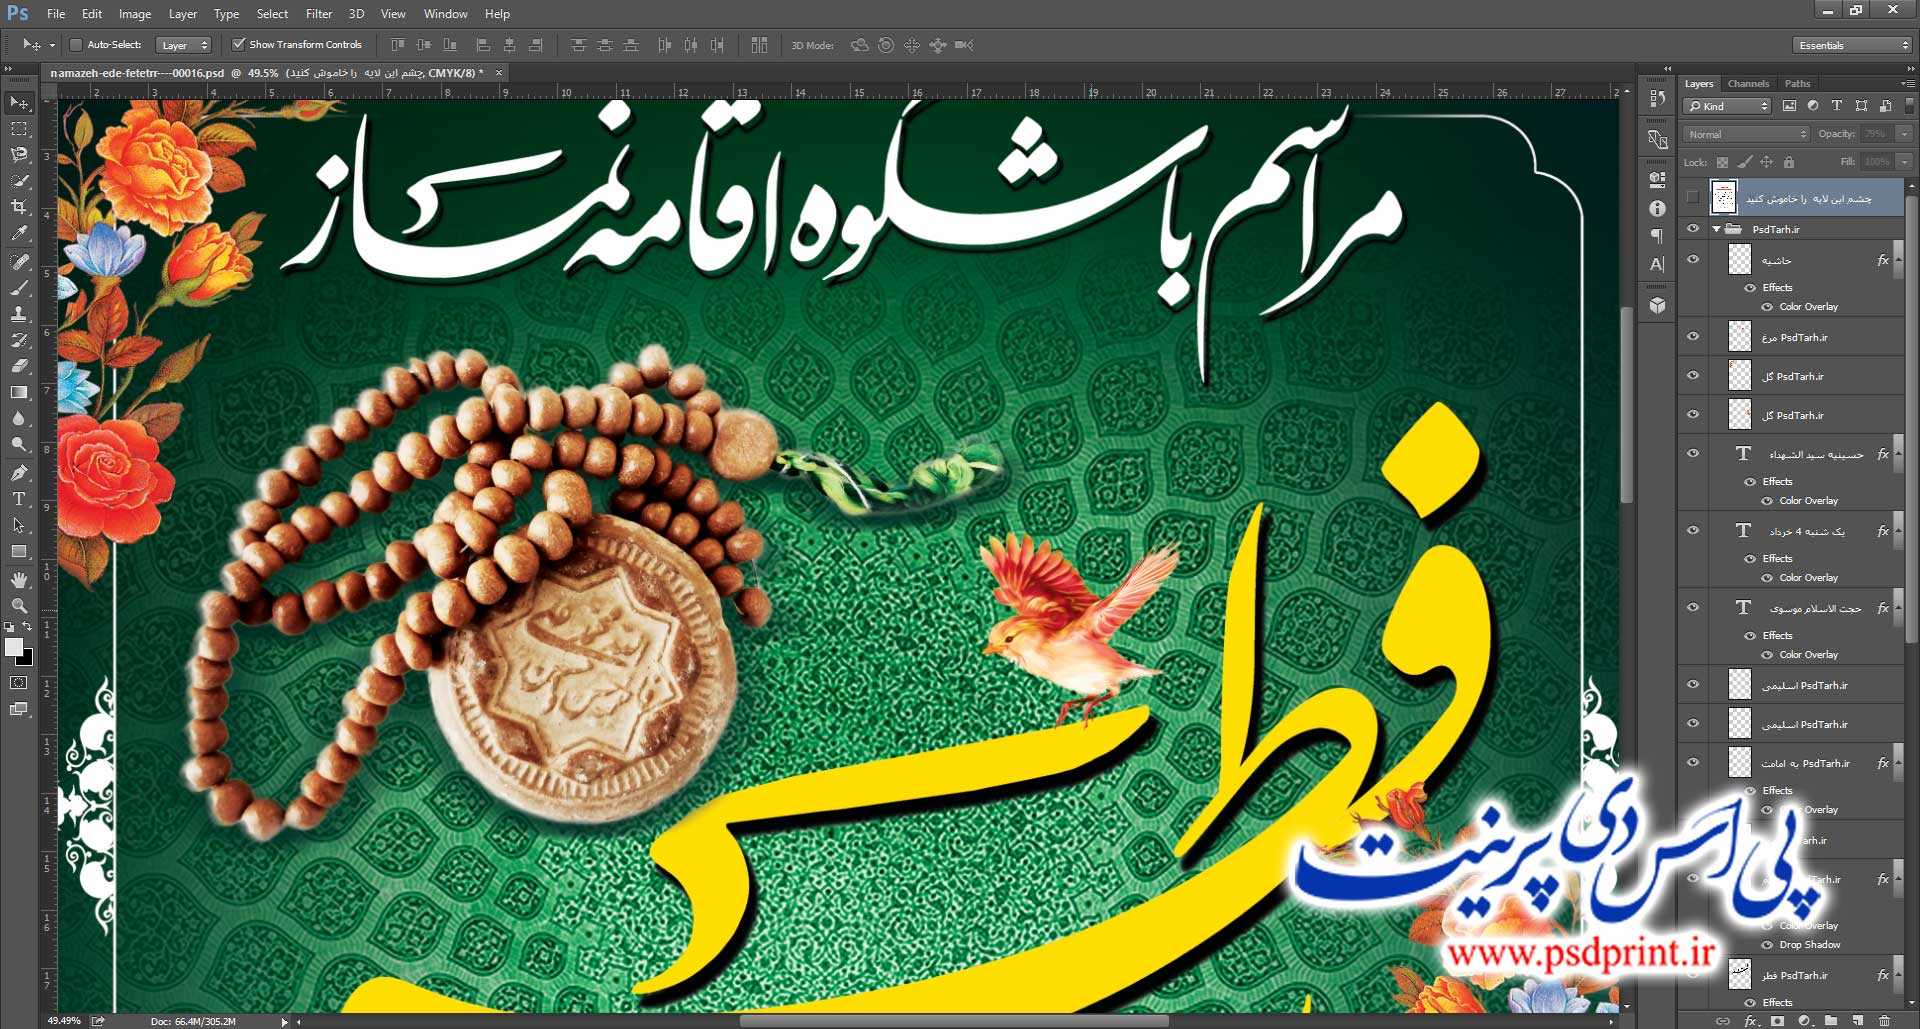 بنر لایه باز مراسم نماز عید فطر